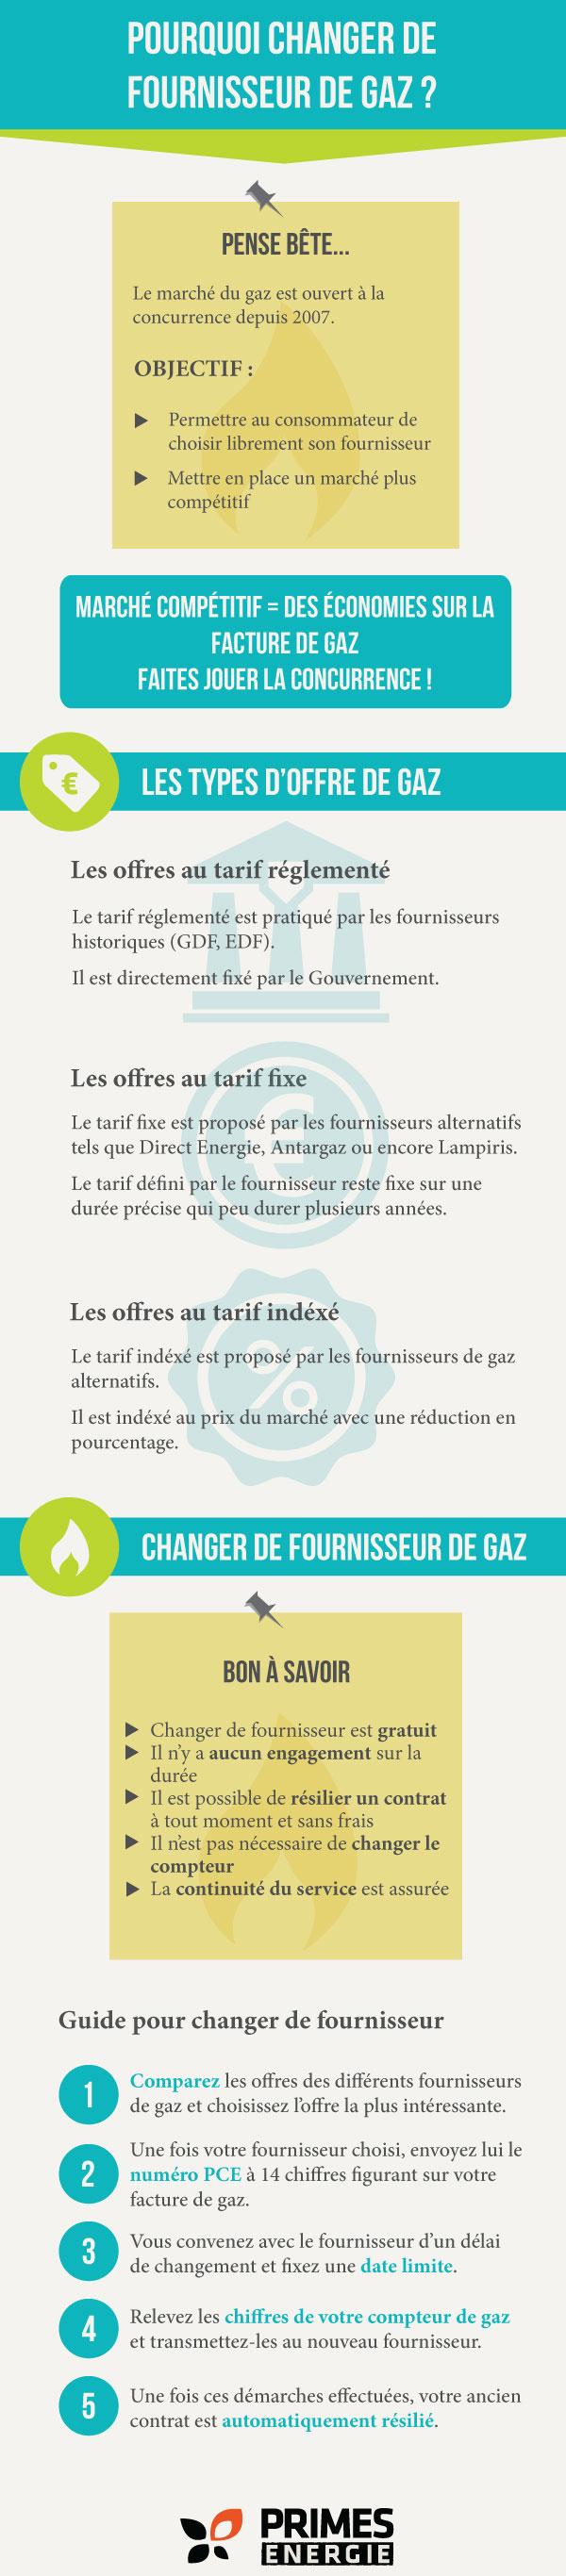 changer de fournisseur de gaz